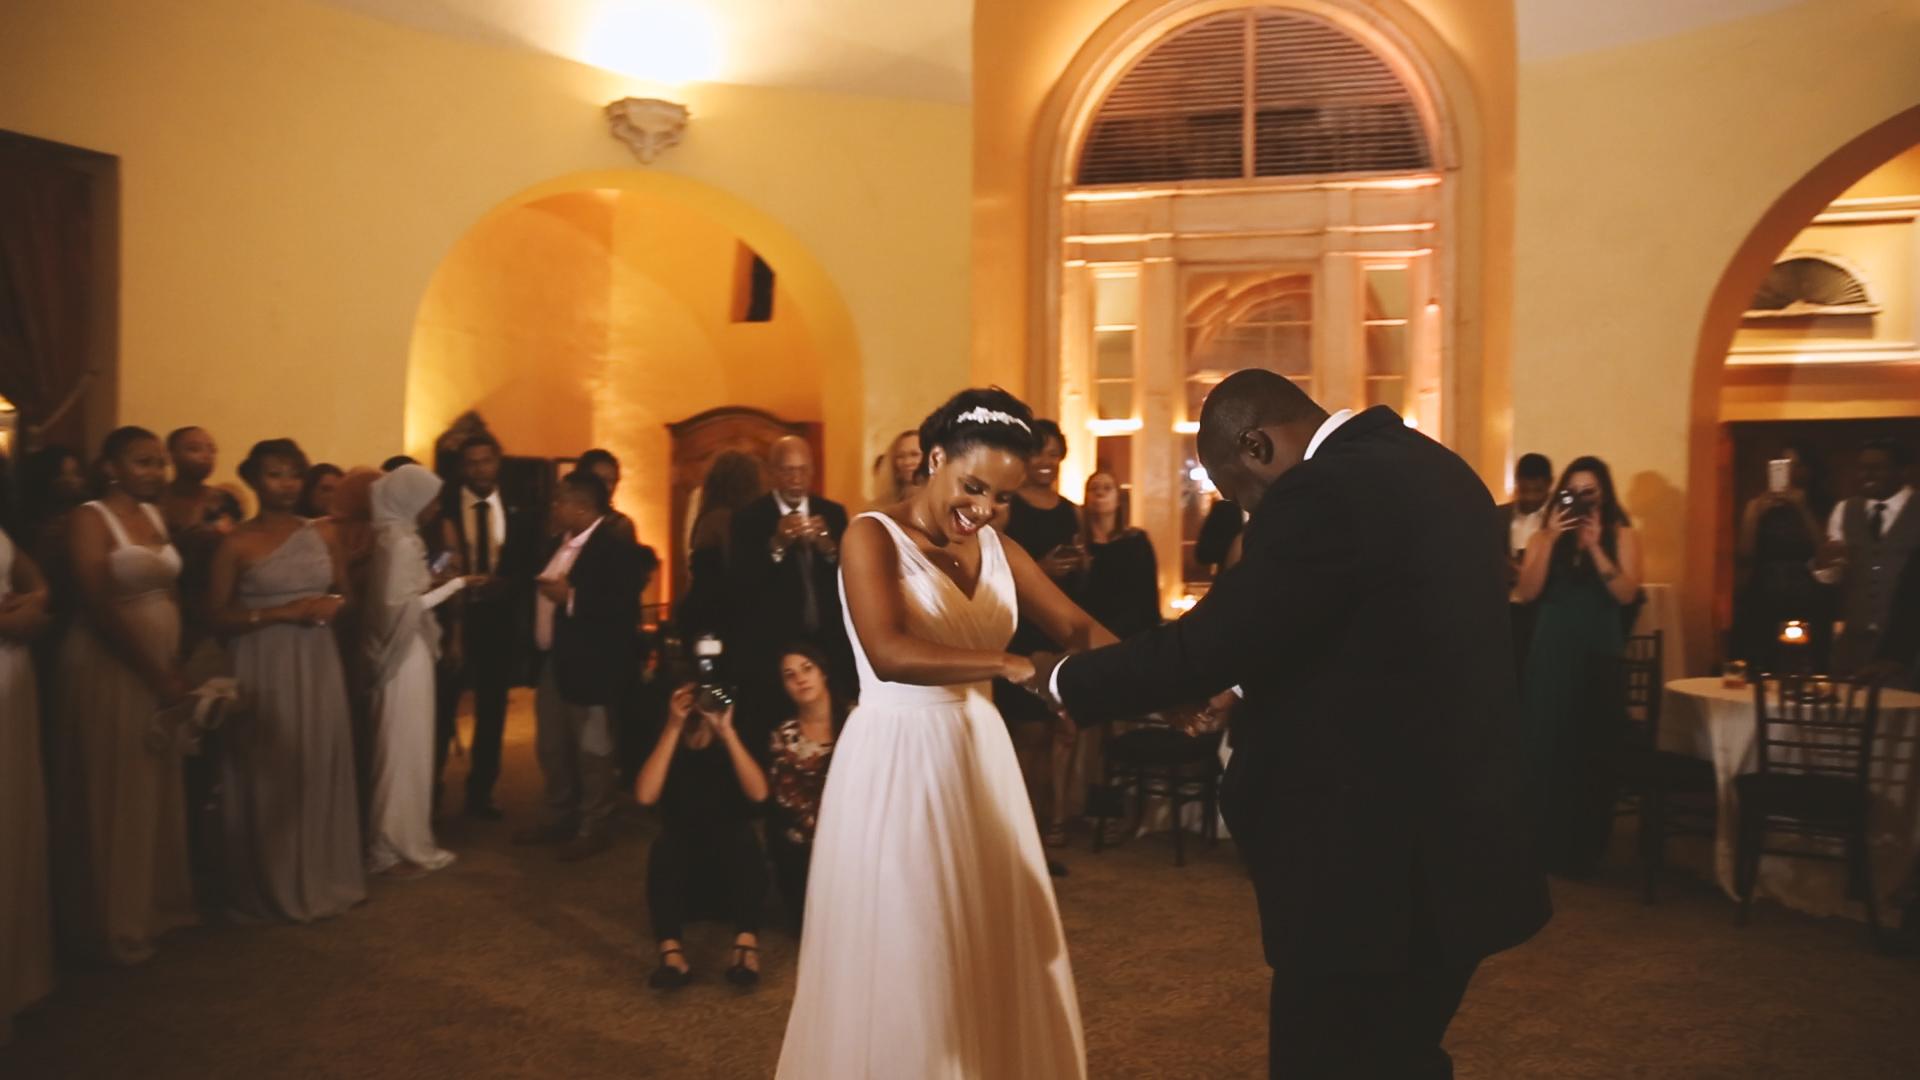 First Dance - Bride Film